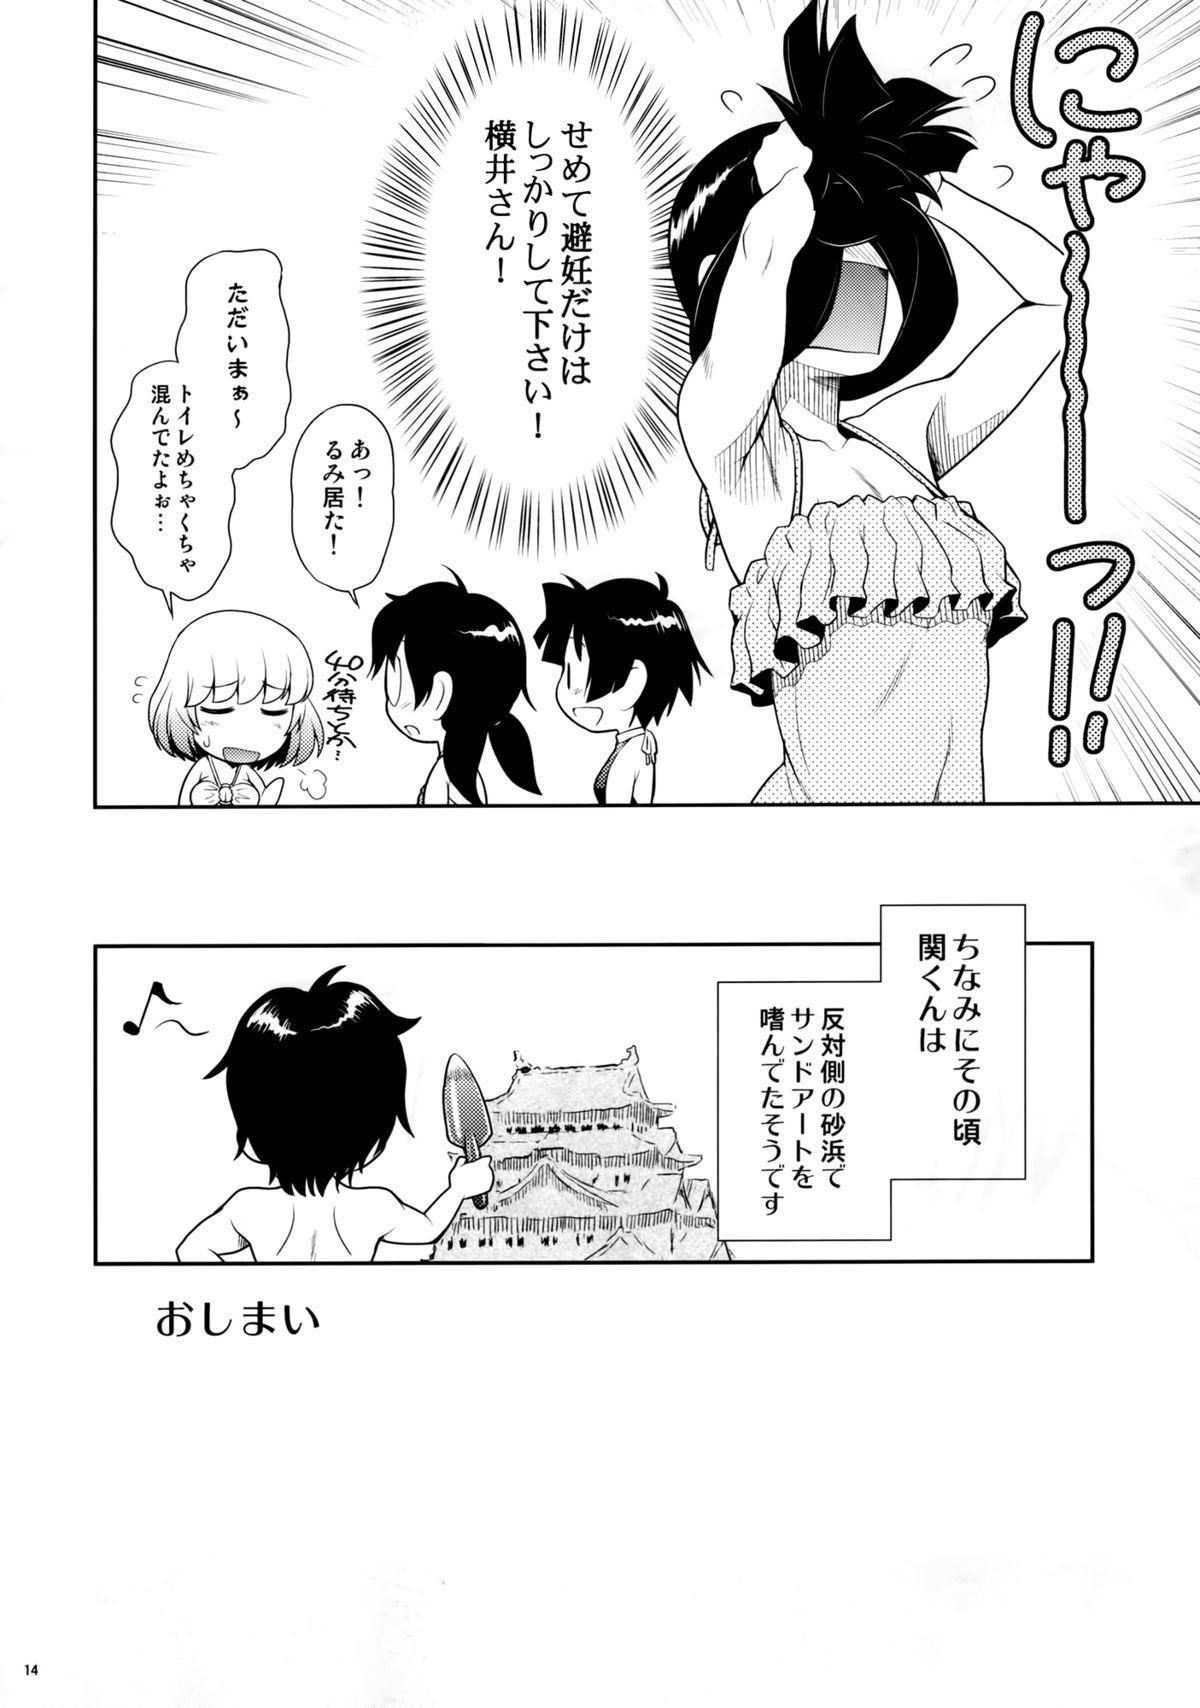 Tonari no Y-san 4jikanme 10